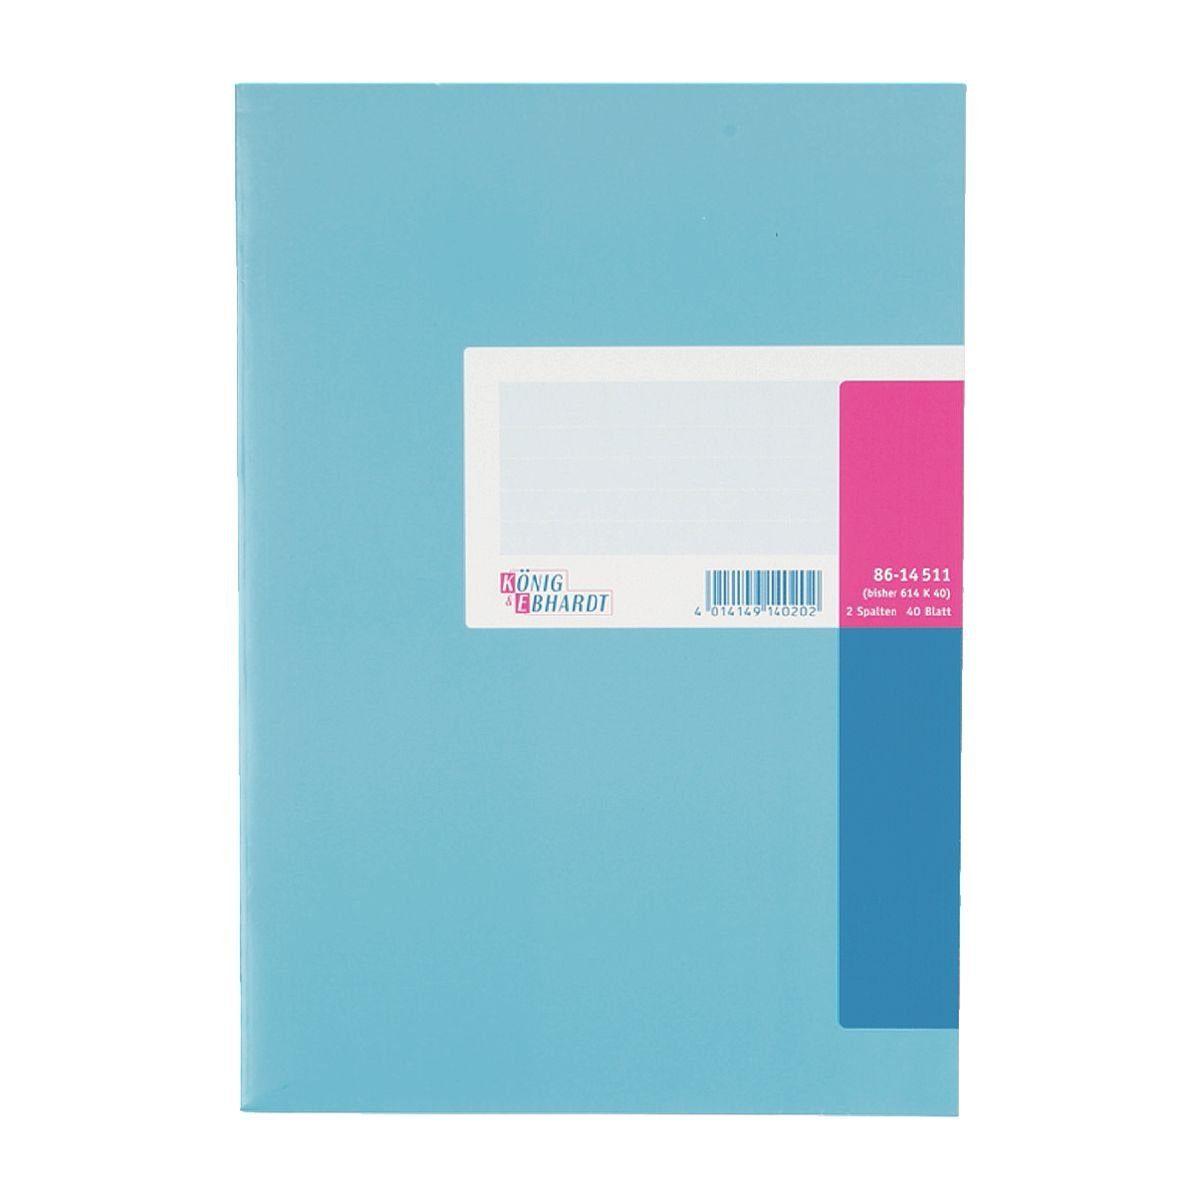 König & Ebhardt Spaltenbuch/Vielzweckbuch